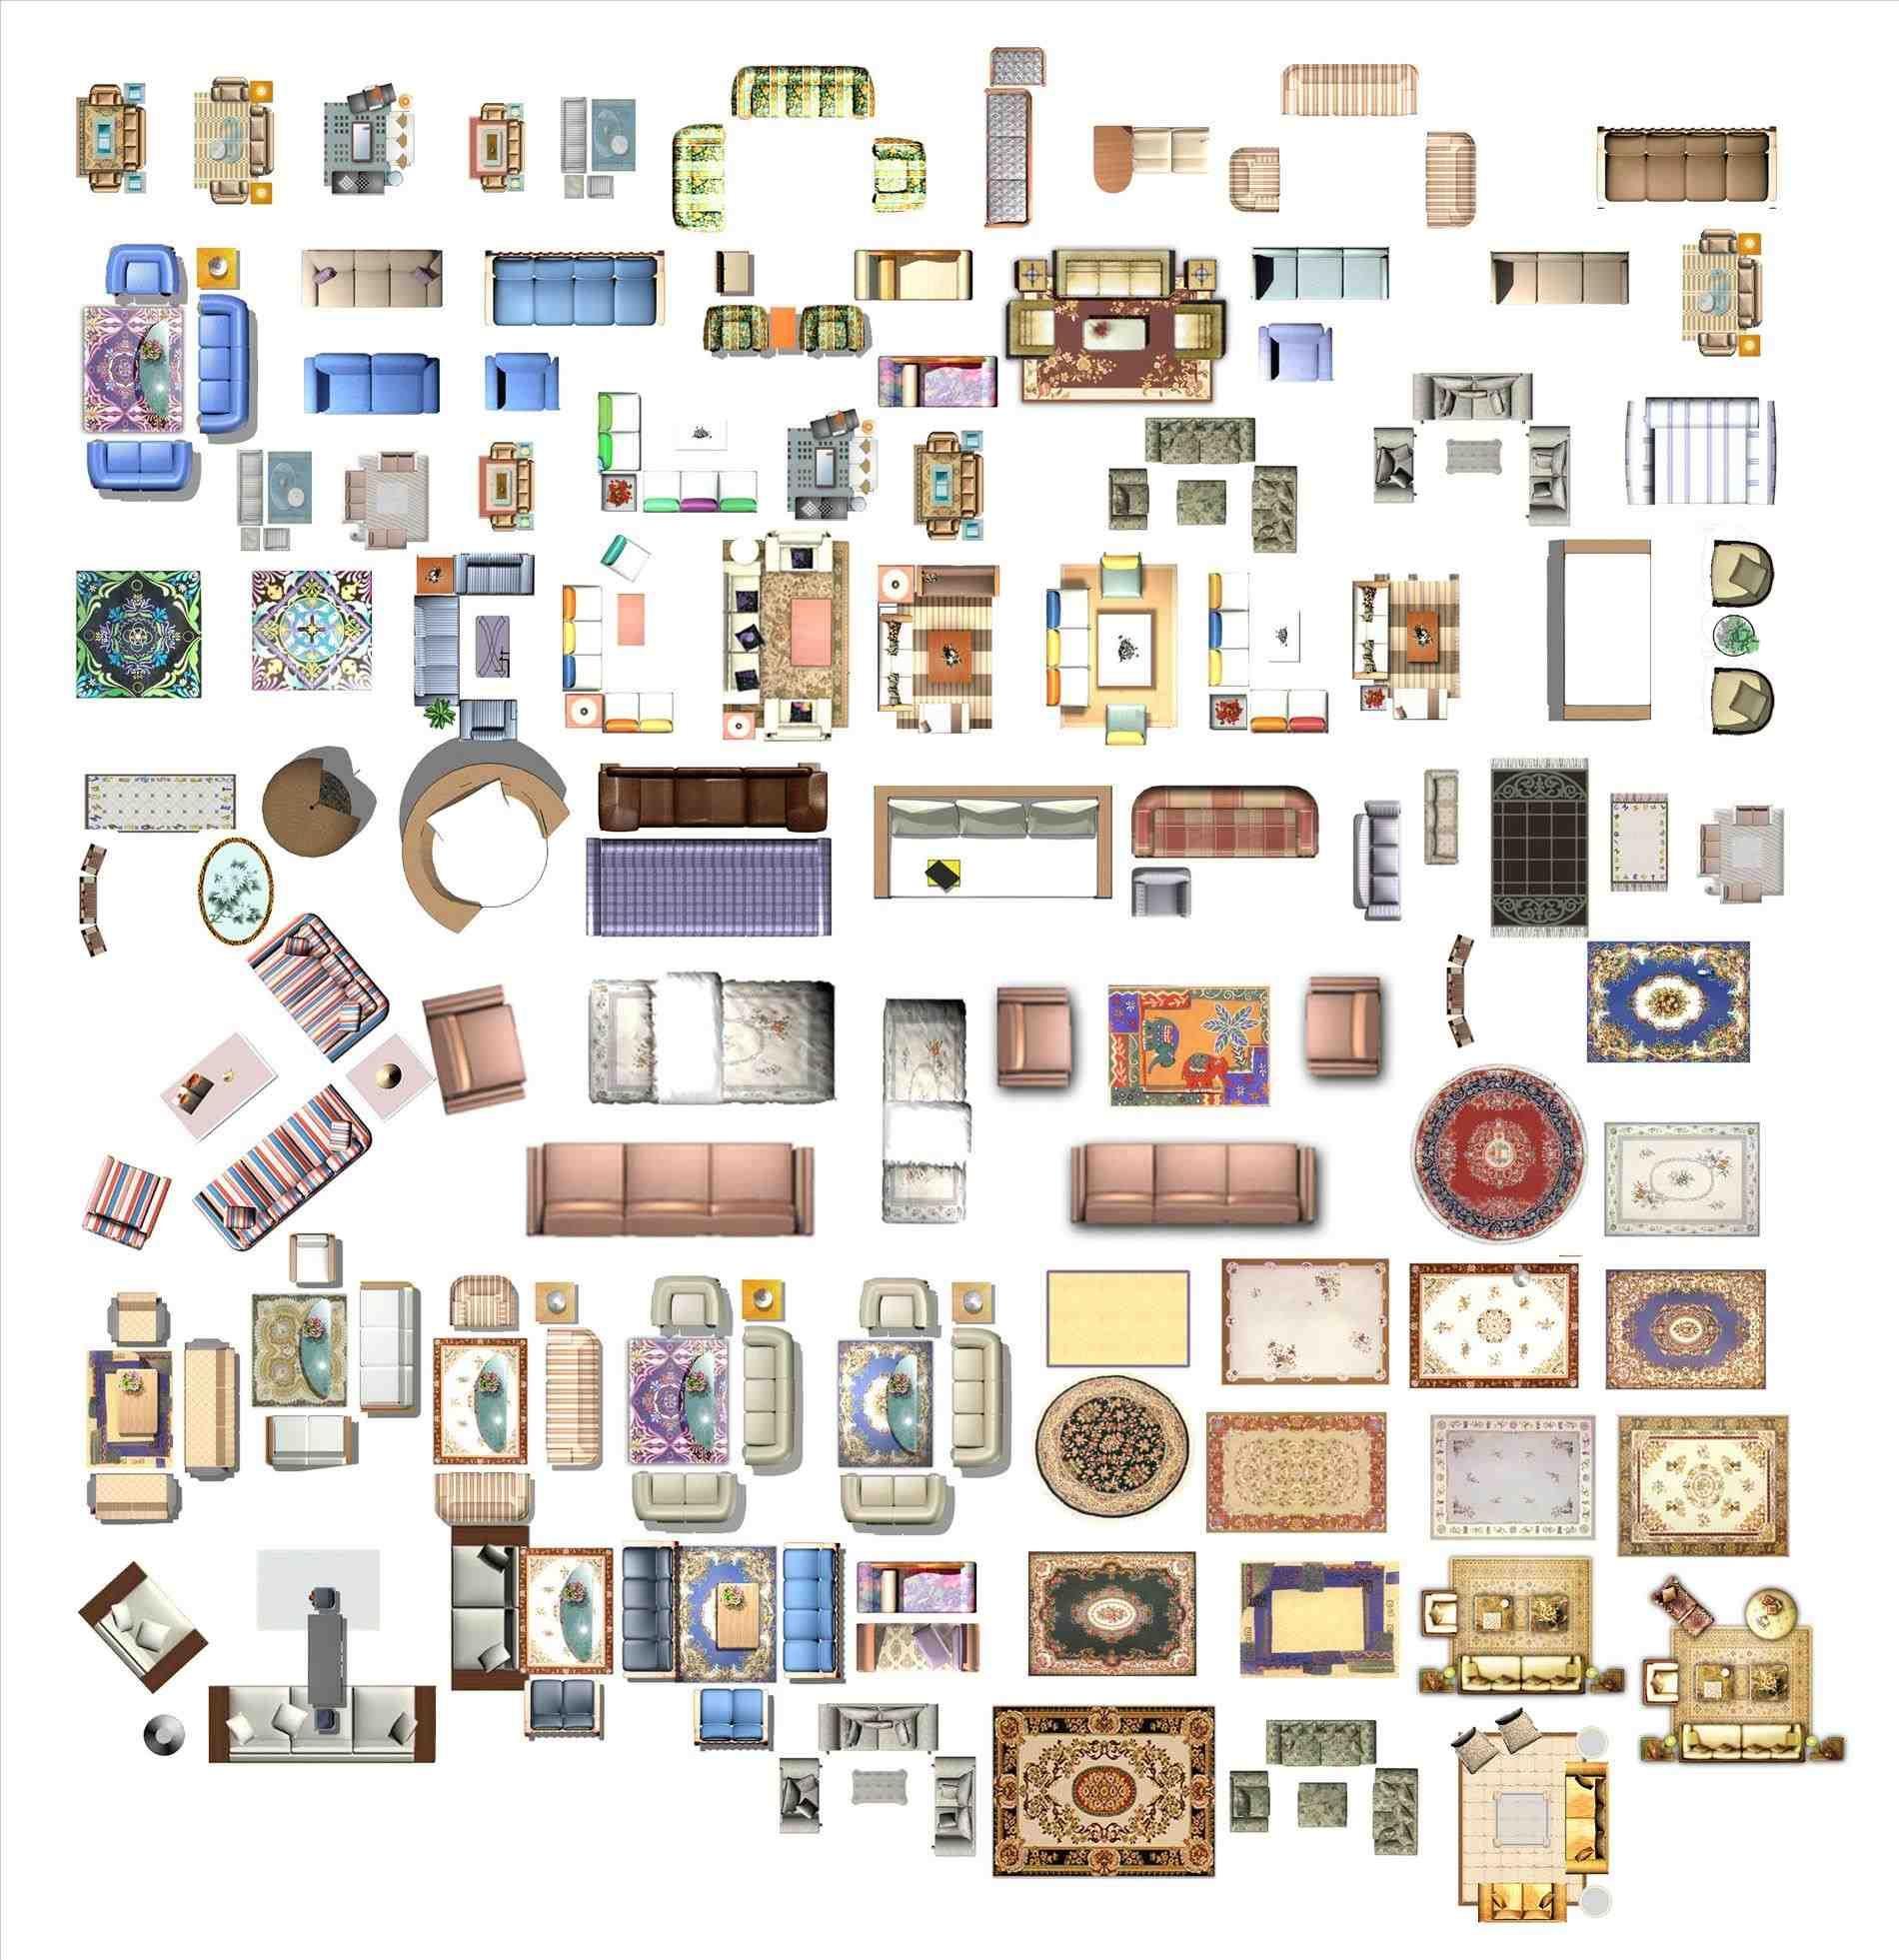 Clipart of furniture floor plan.